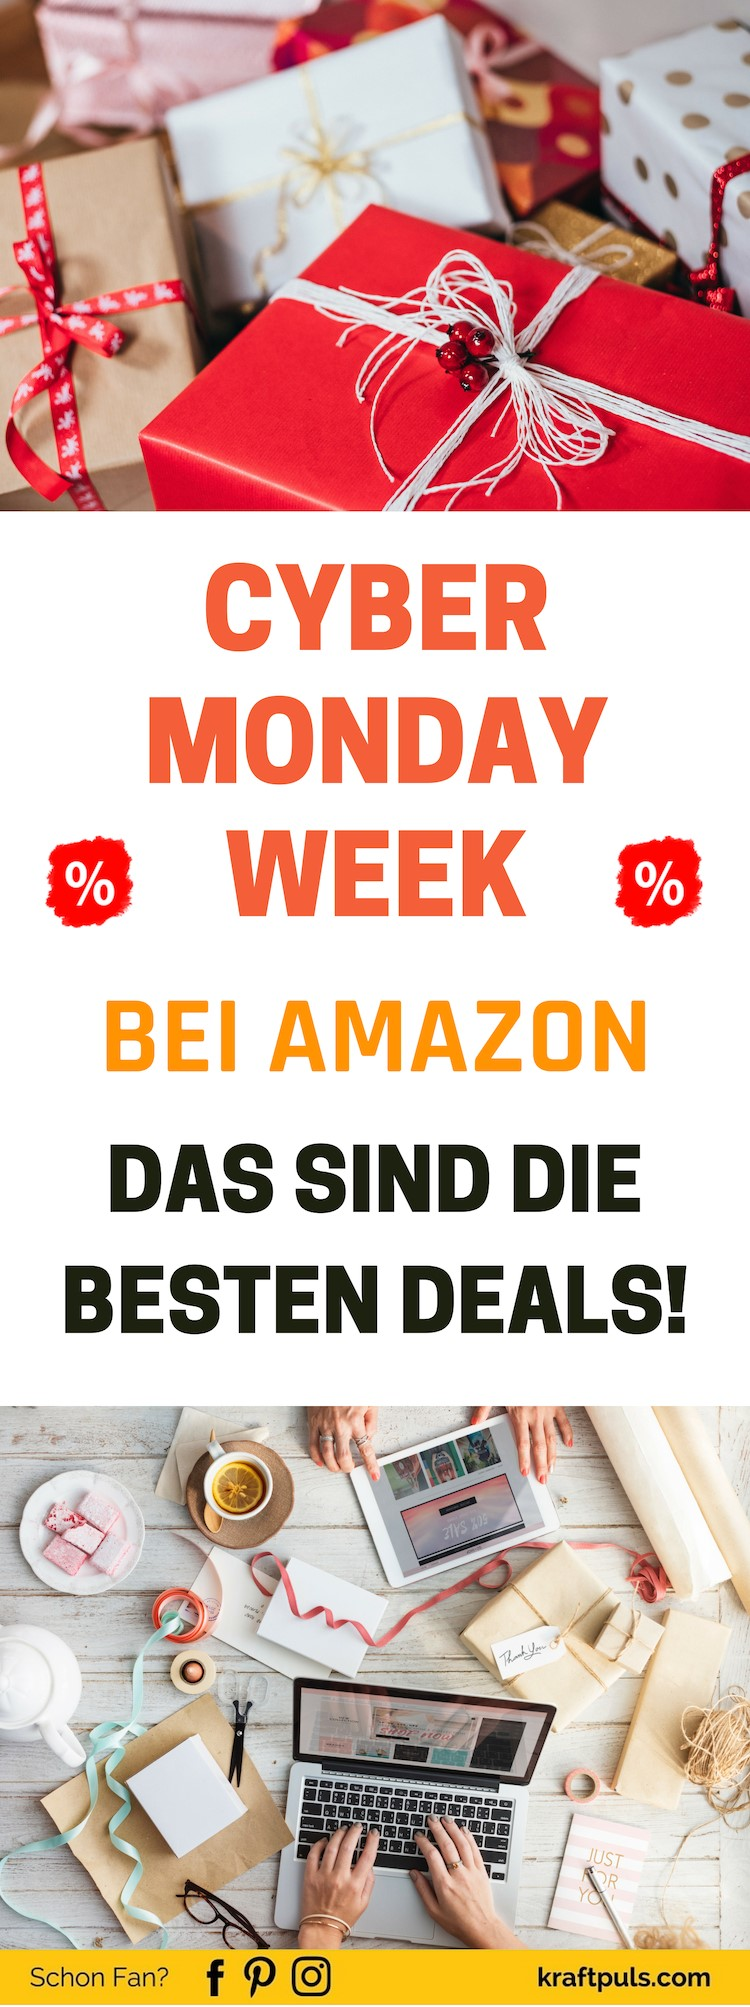 Cyber Monday Week: Geld sparen beim Shoppen bei Amazon